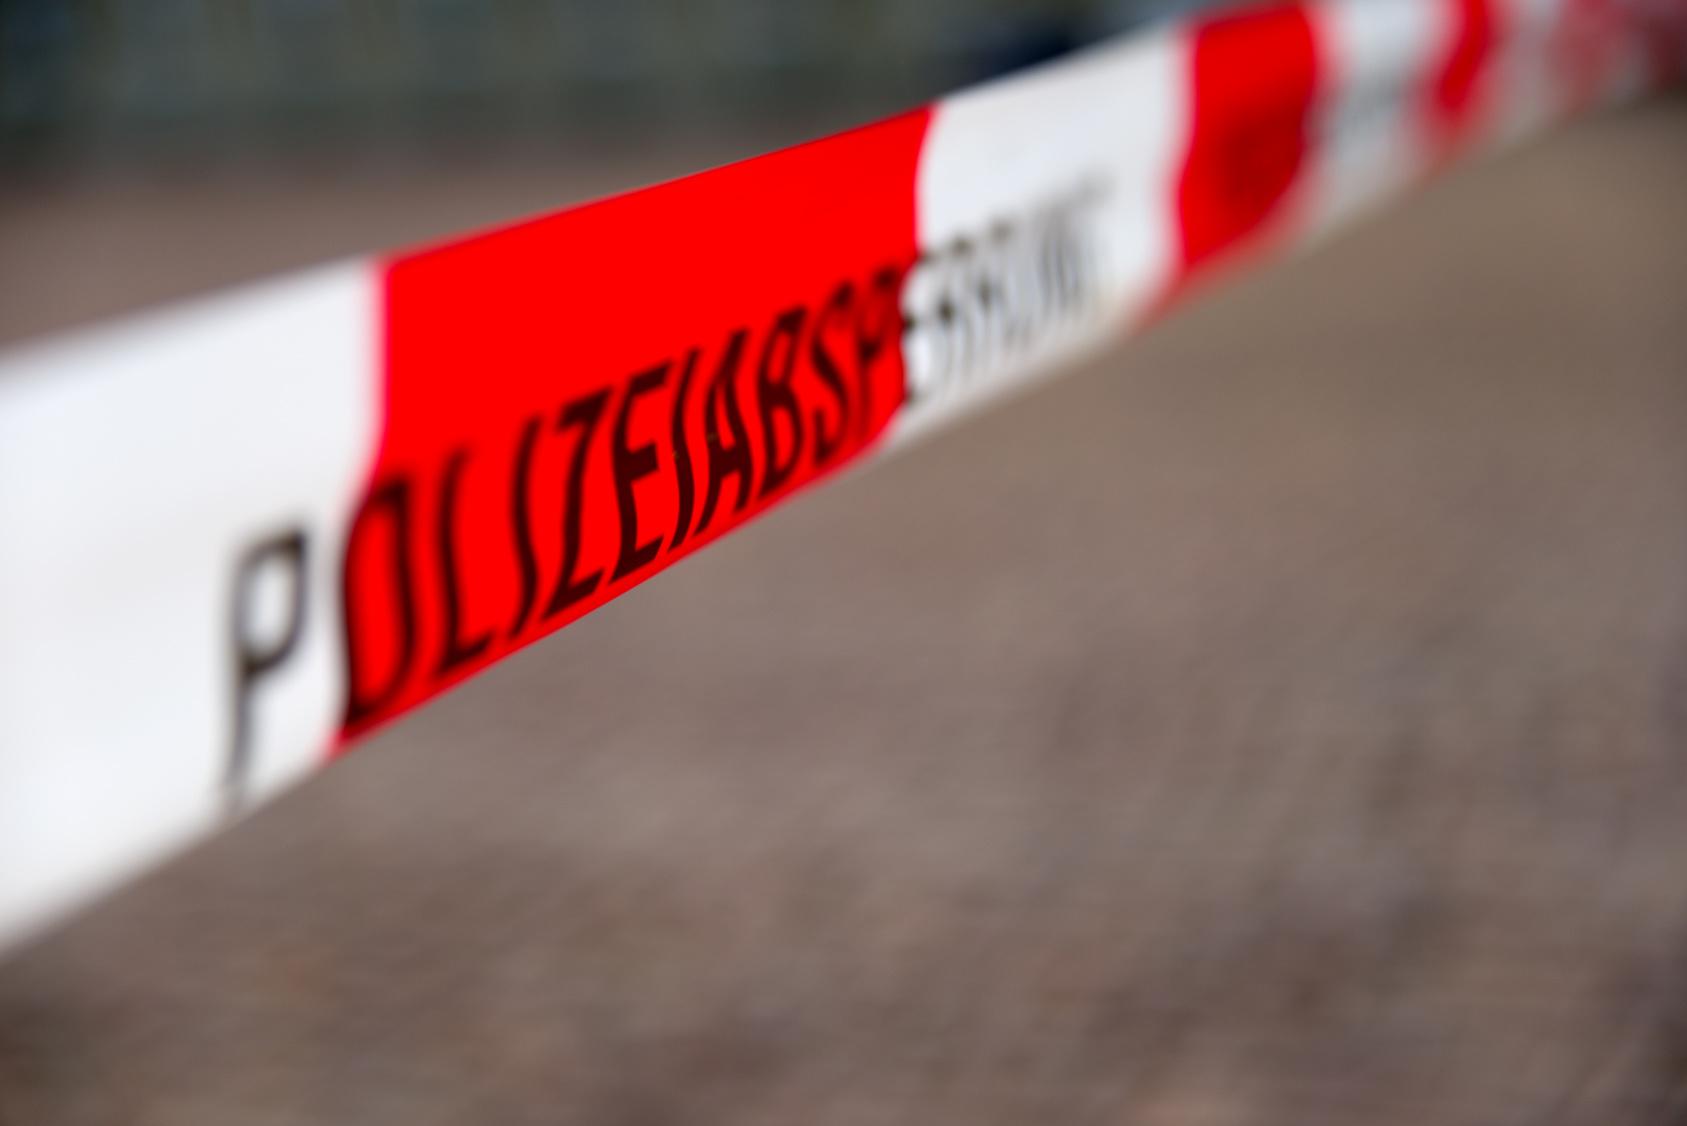 Gefährlich verletzt 60-Jähriger wirft mit Axt auf Polizisten